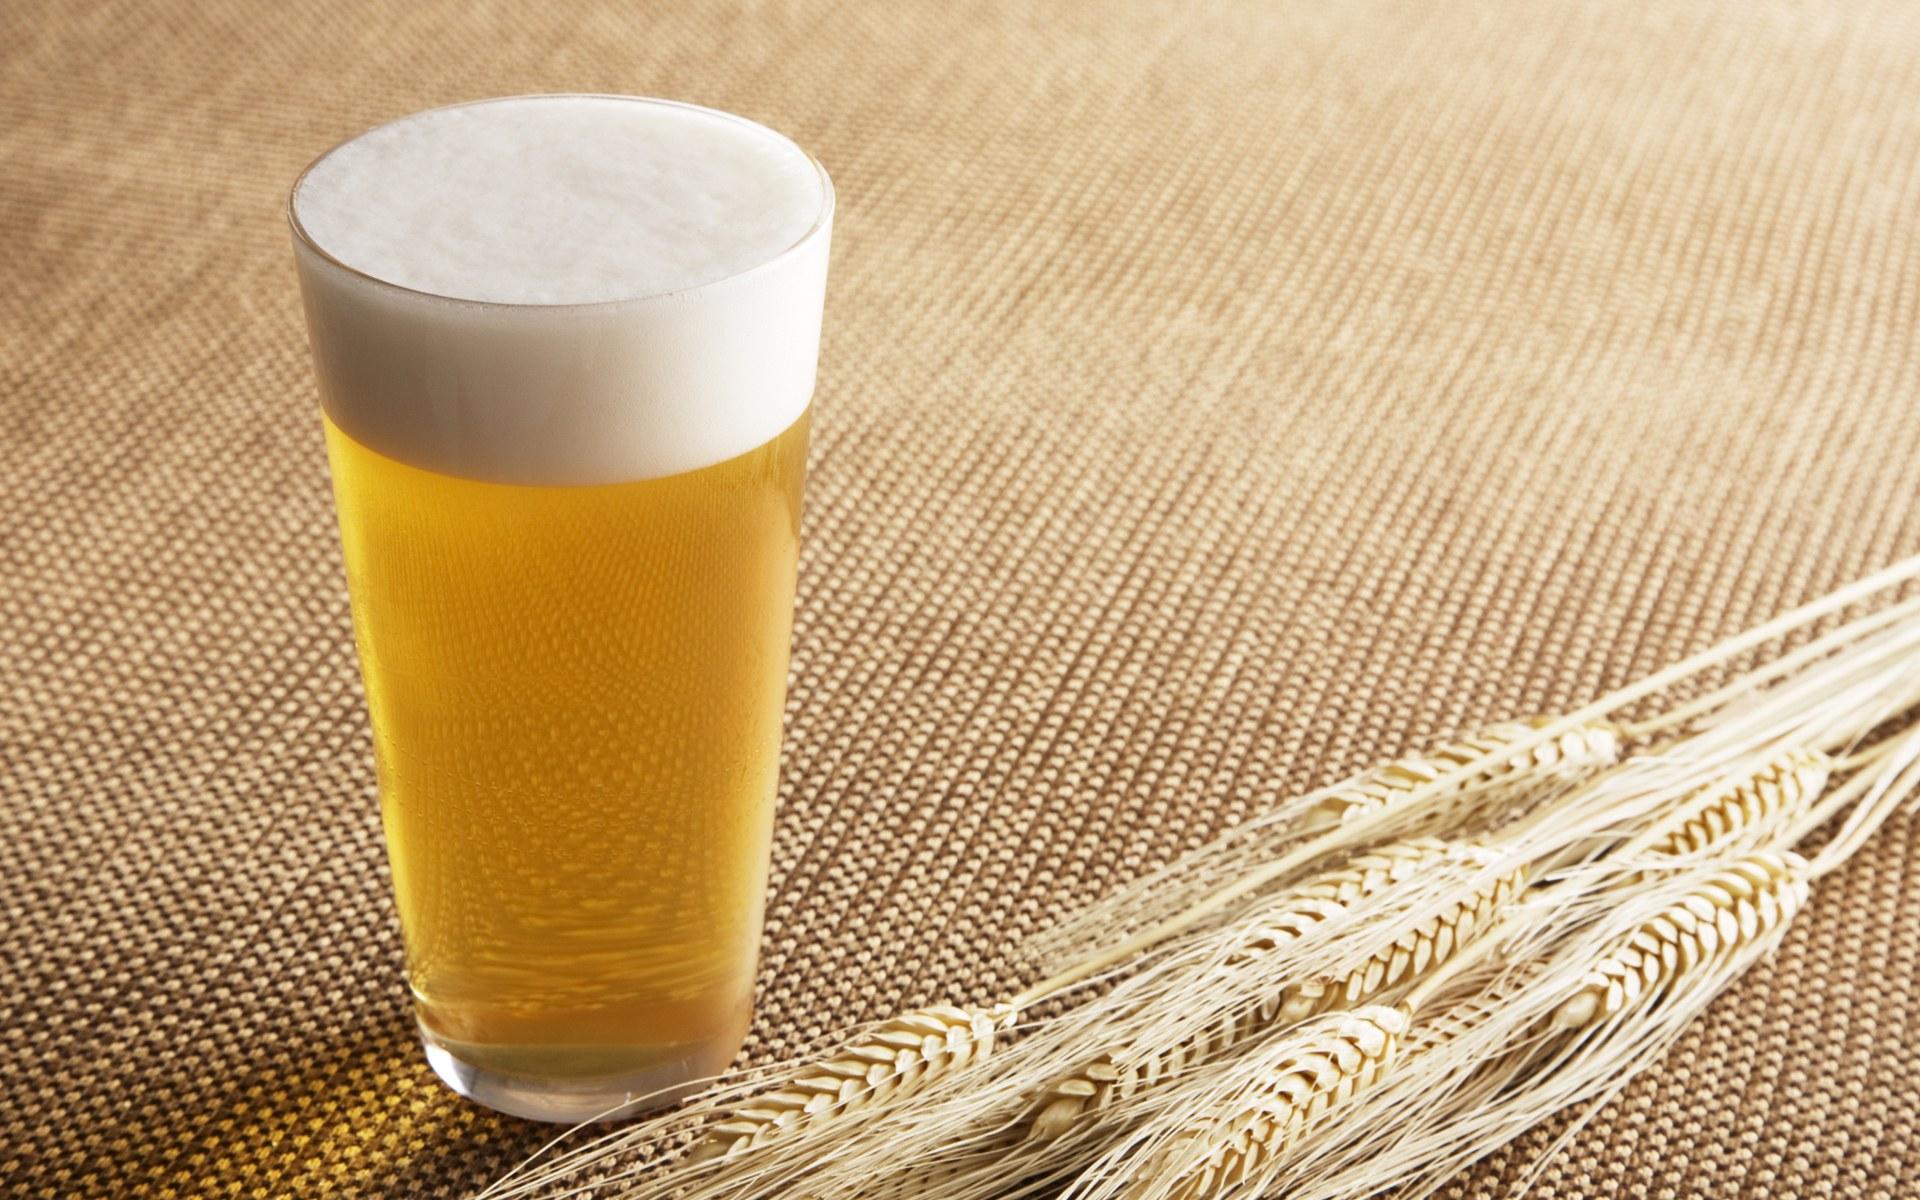 暑さで火照った体をキンキンに冷えた中瓶ビールで冷ましましょう!のサムネイル画像